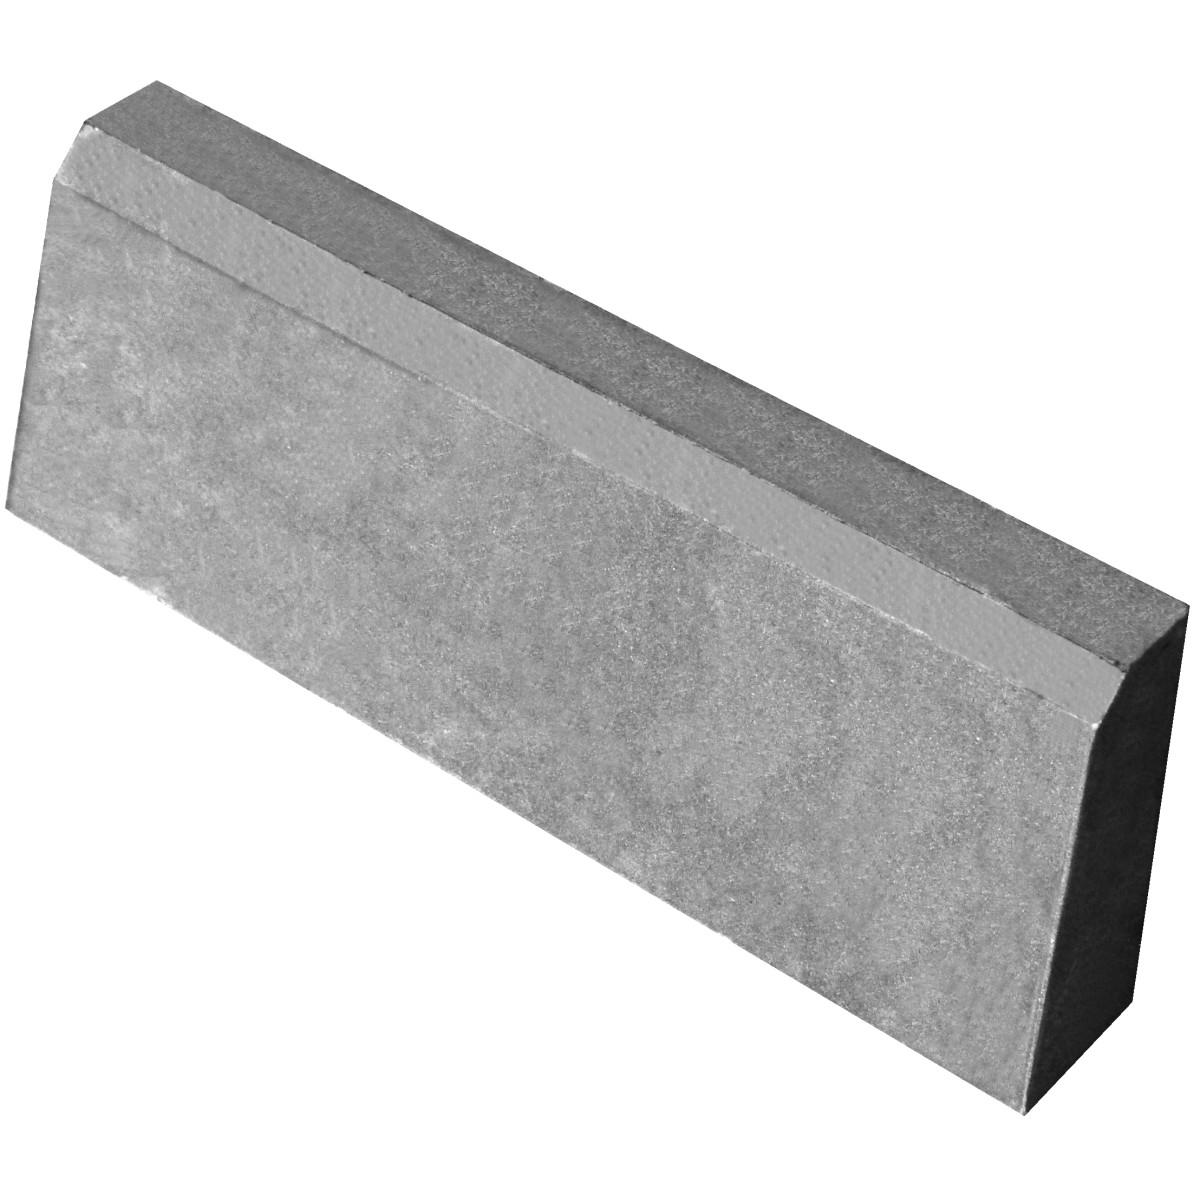 Бордюр тротуарный облегчённый 500x200x40 мм цвет серый